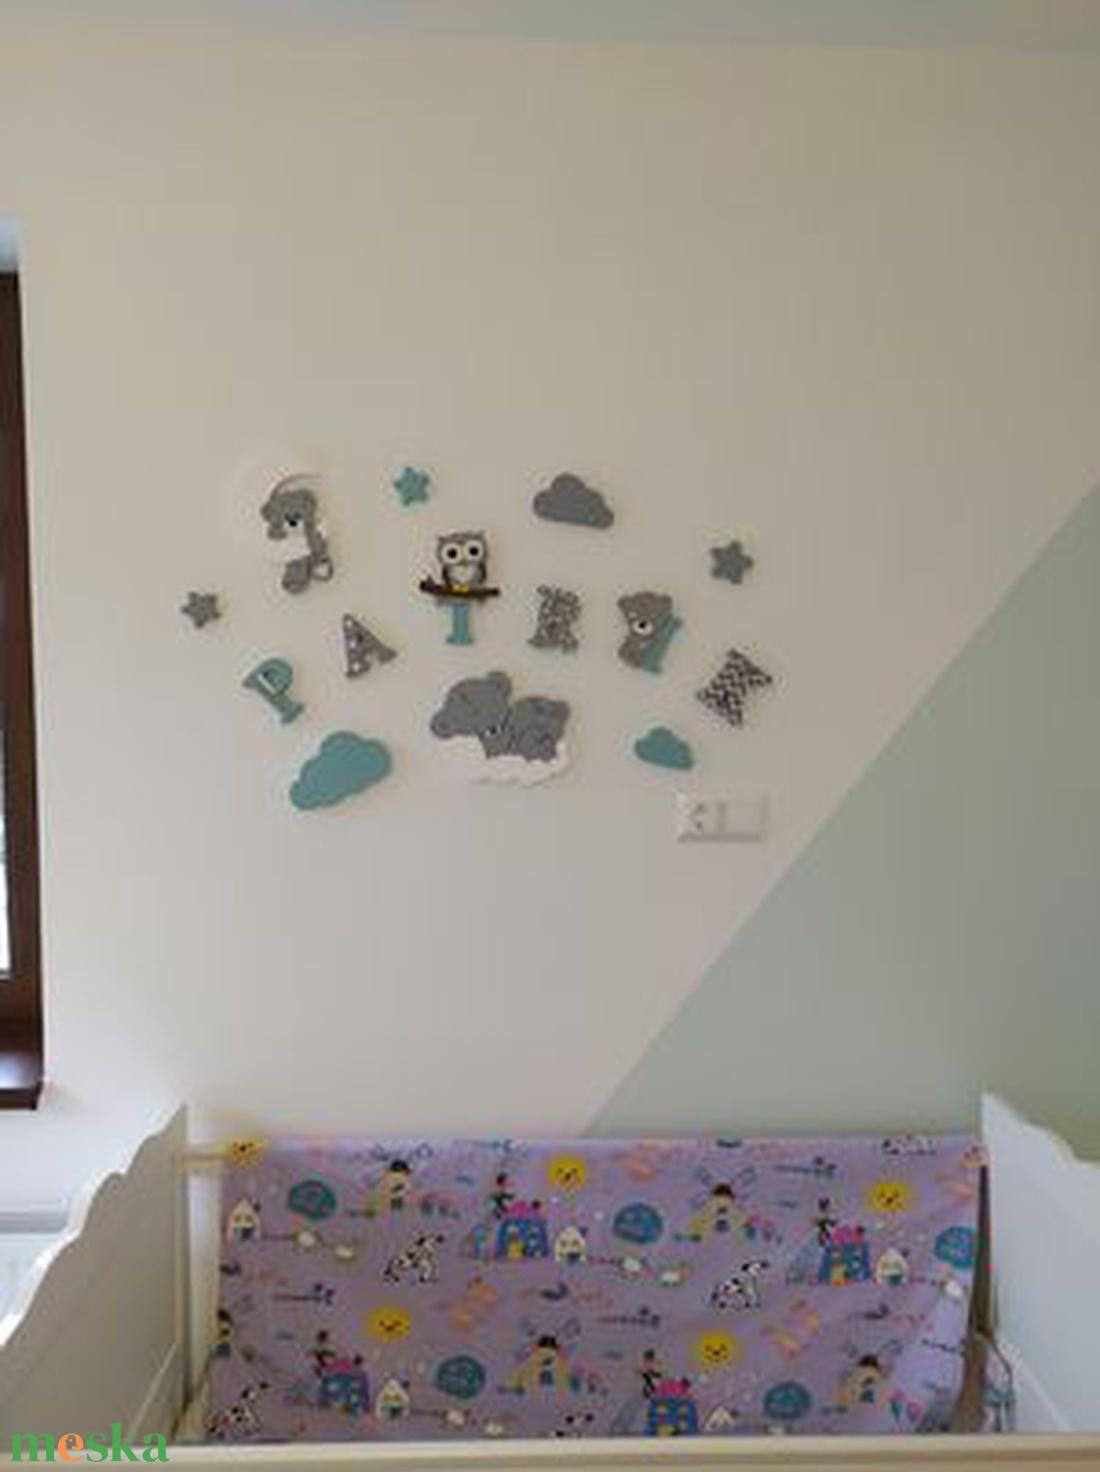 Macis dekorbetű szett menta-szürke -fehér színben,bababetű,név,felirat,dekoráció,babaszoba,gyerekszoba,hungarocell  - otthon & lakás - dekoráció - betű & név - Meska.hu